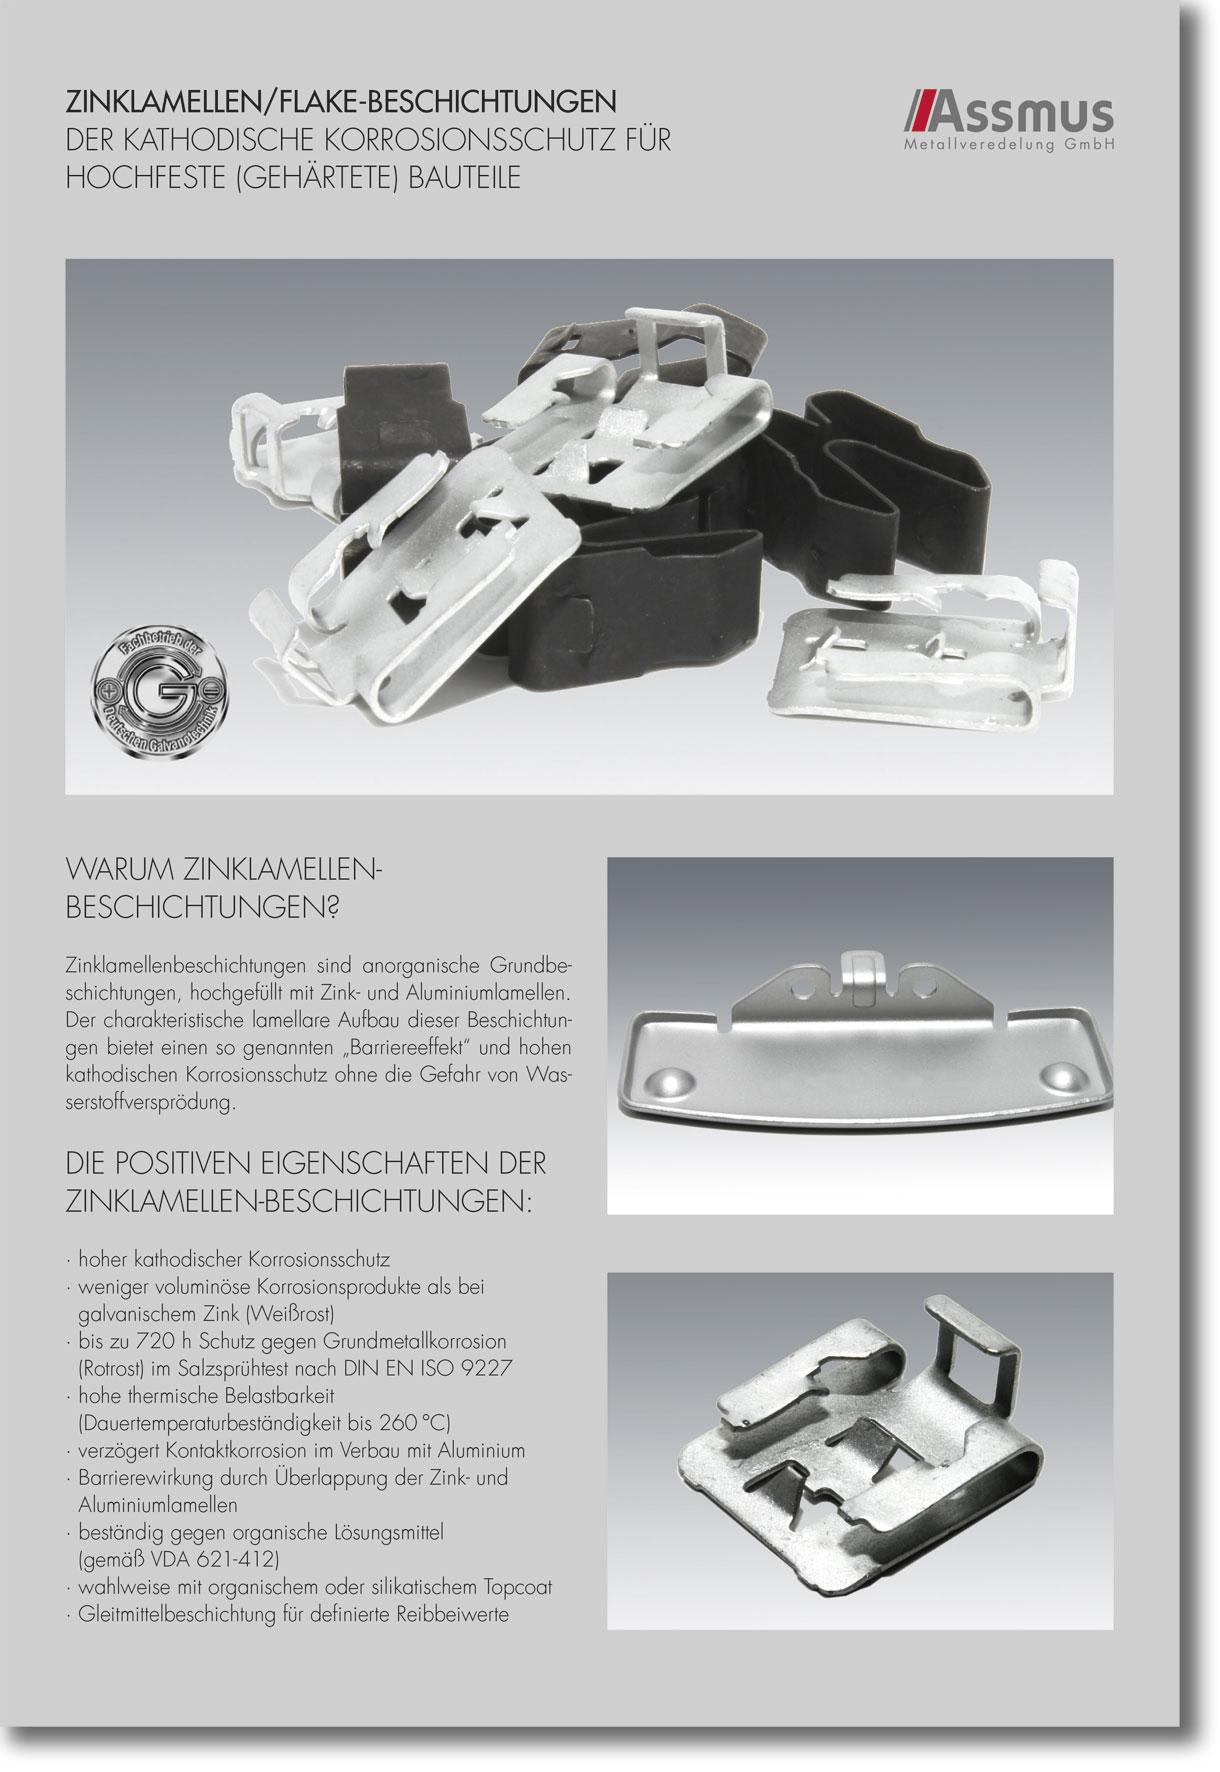 Hervorragend Zink-Lamellen-Beschichtung › Assmus Metallveredelung KF64